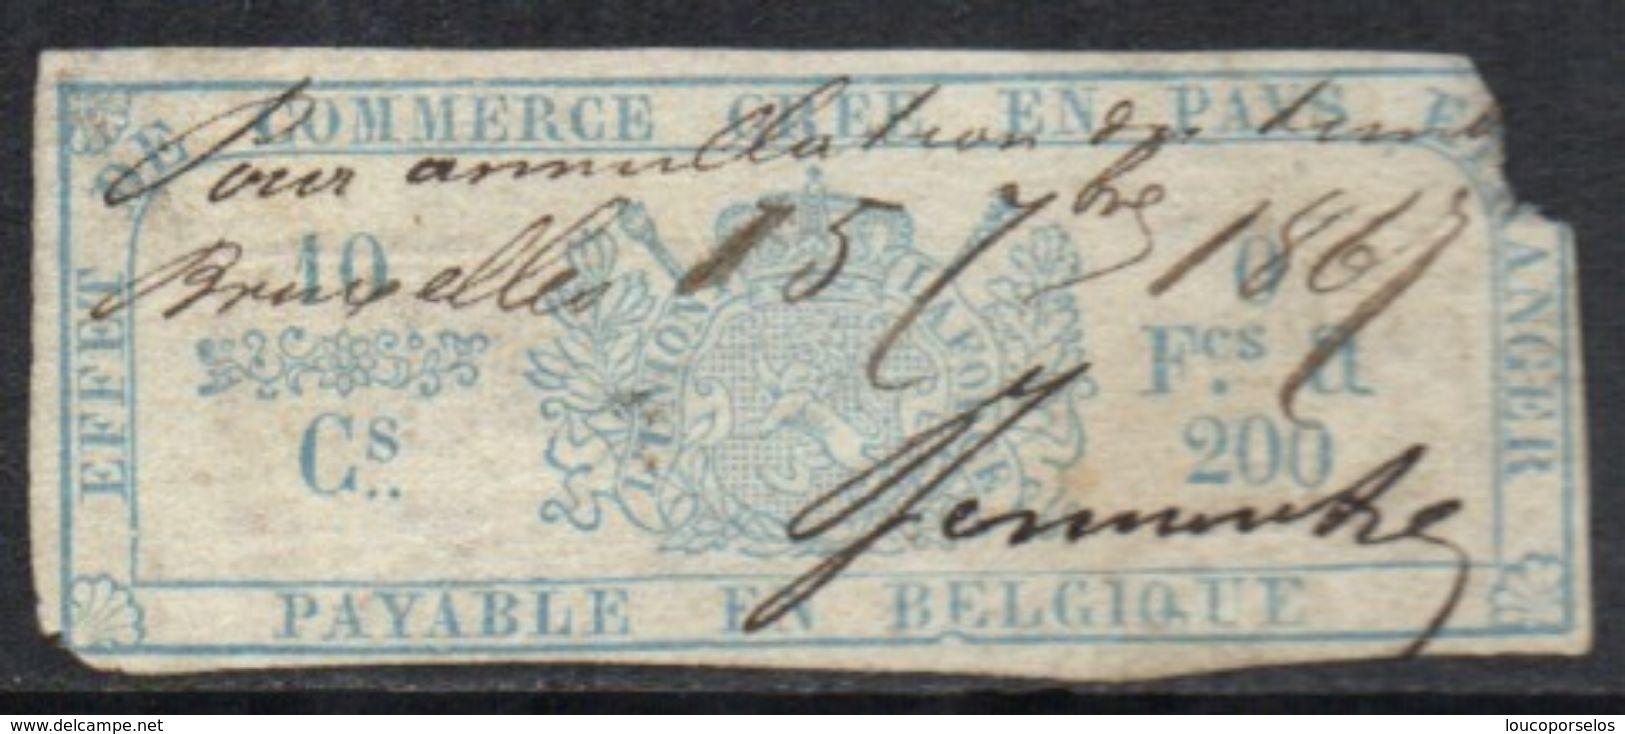 06569 Bélgica Effet De Commerce Gree En Pays Etranger Payable En Belgique - Revenue Stamps